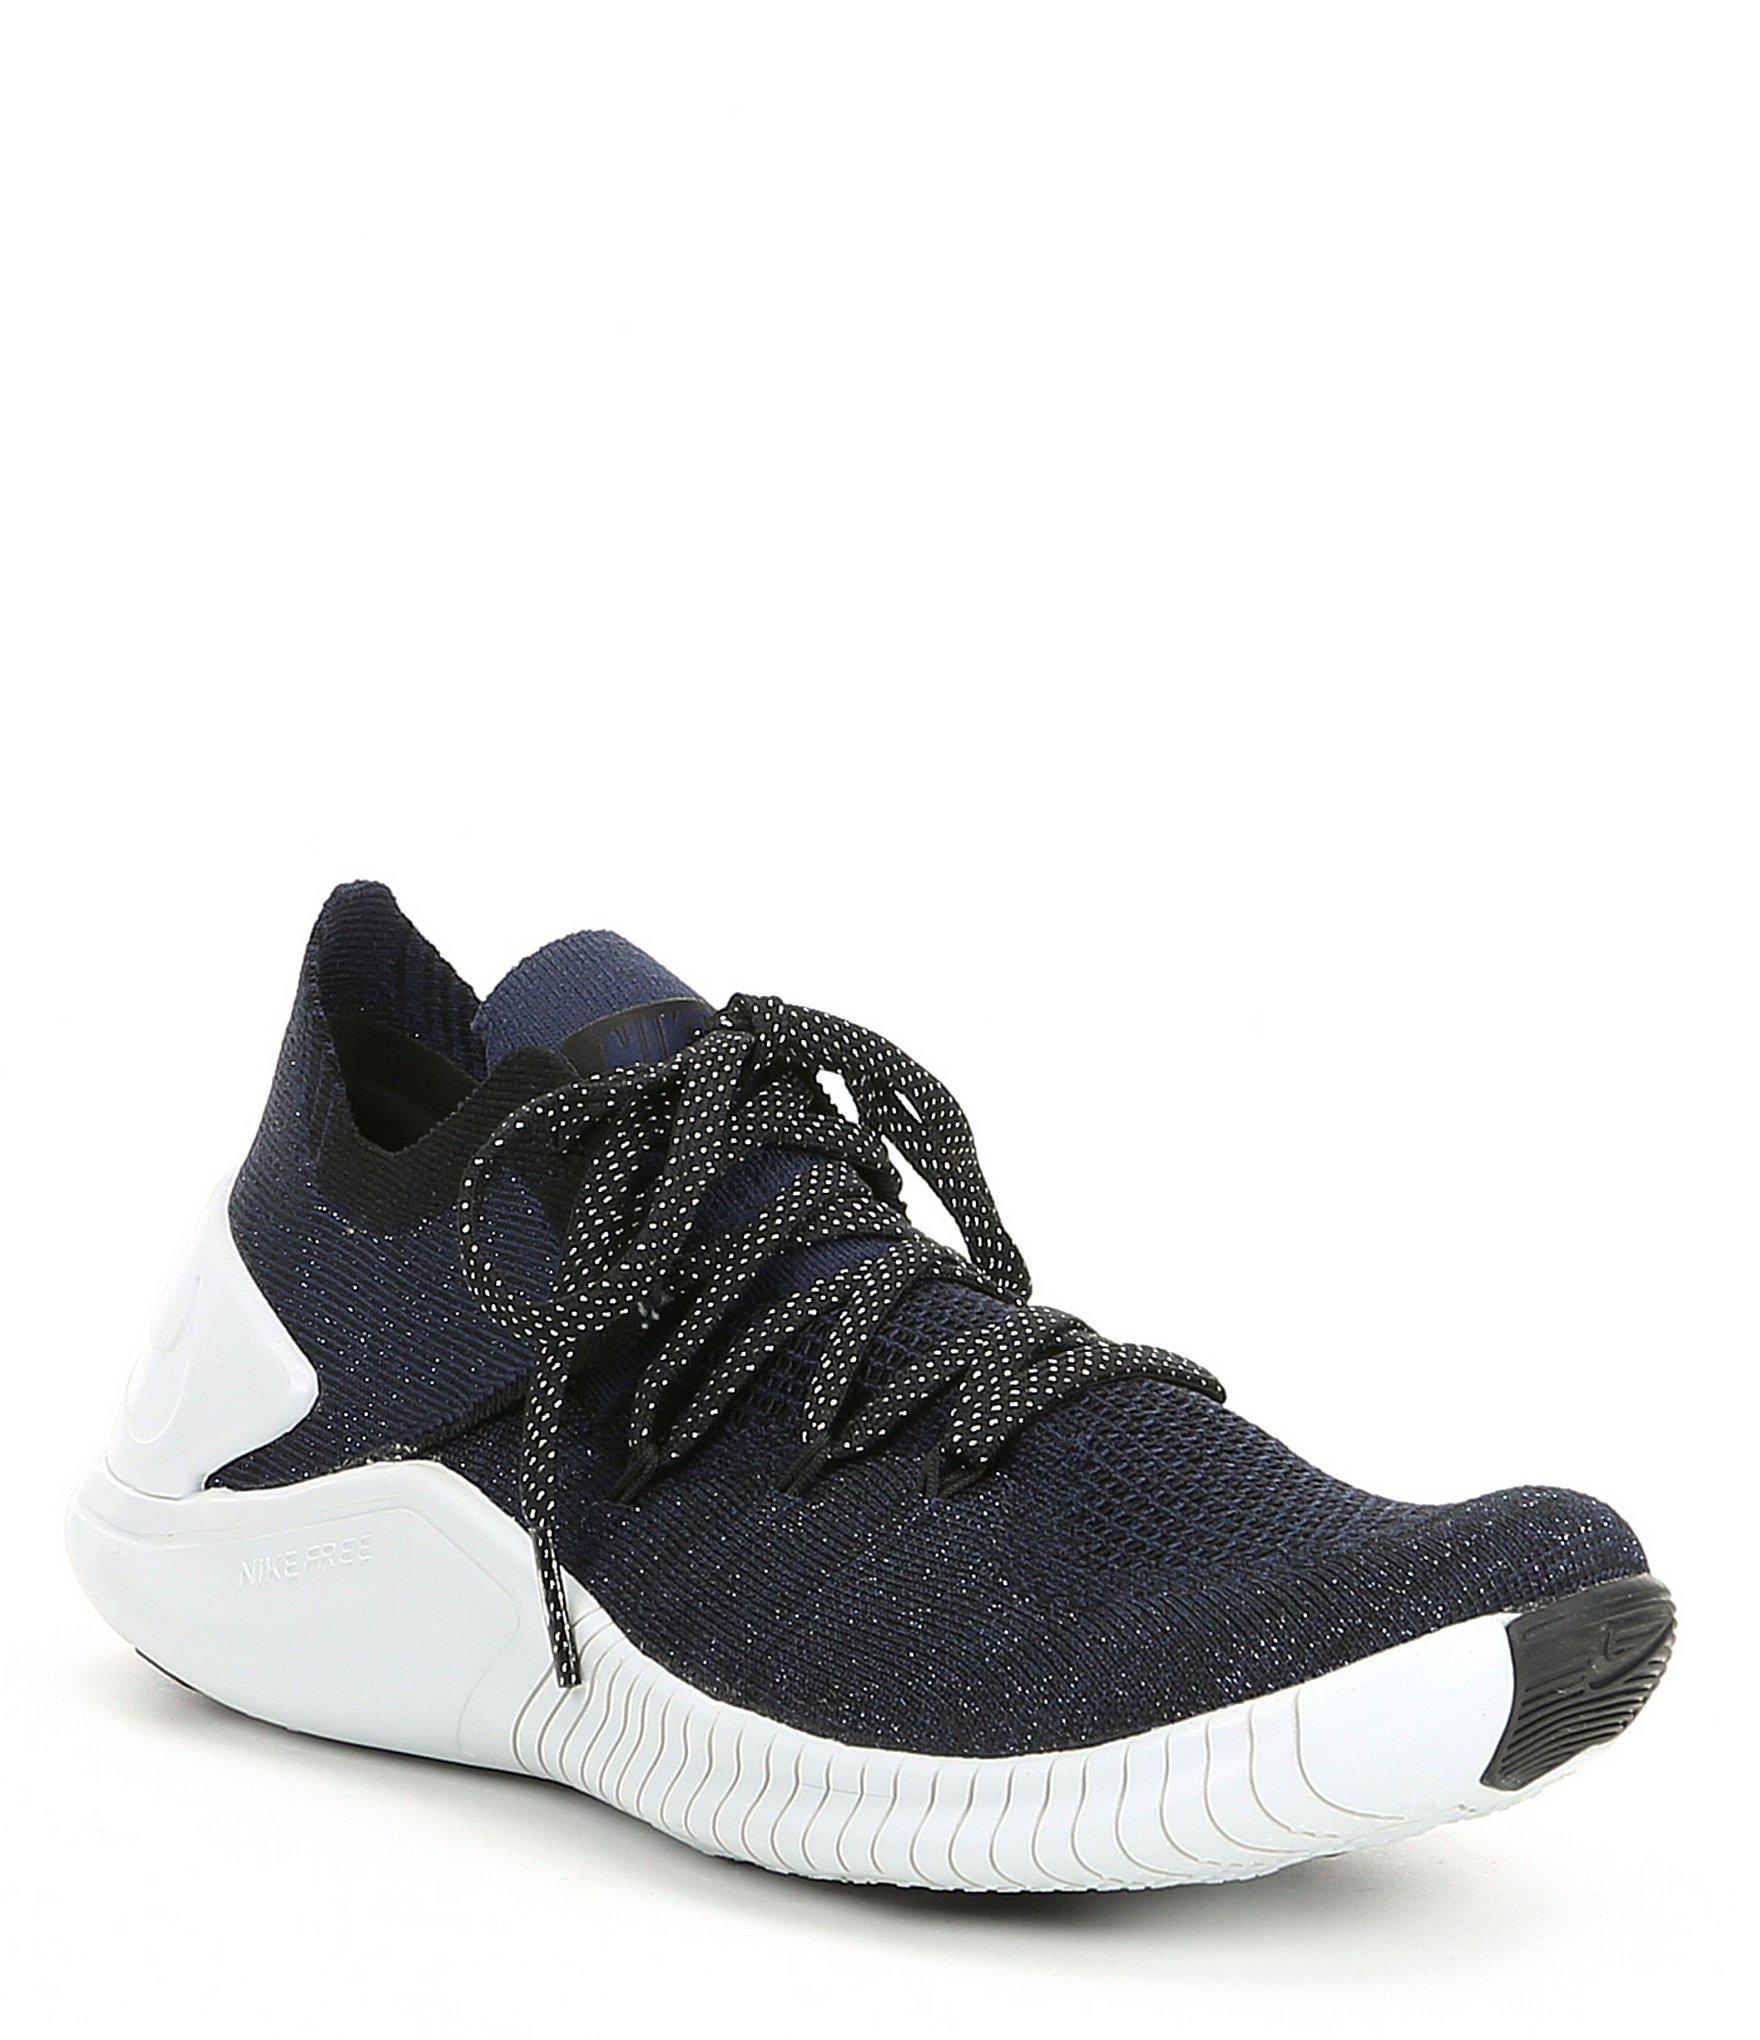 d5e2e22e5a82 Lyst - Nike Women s Free Tr 3 Flyknit Training Shoe in Black